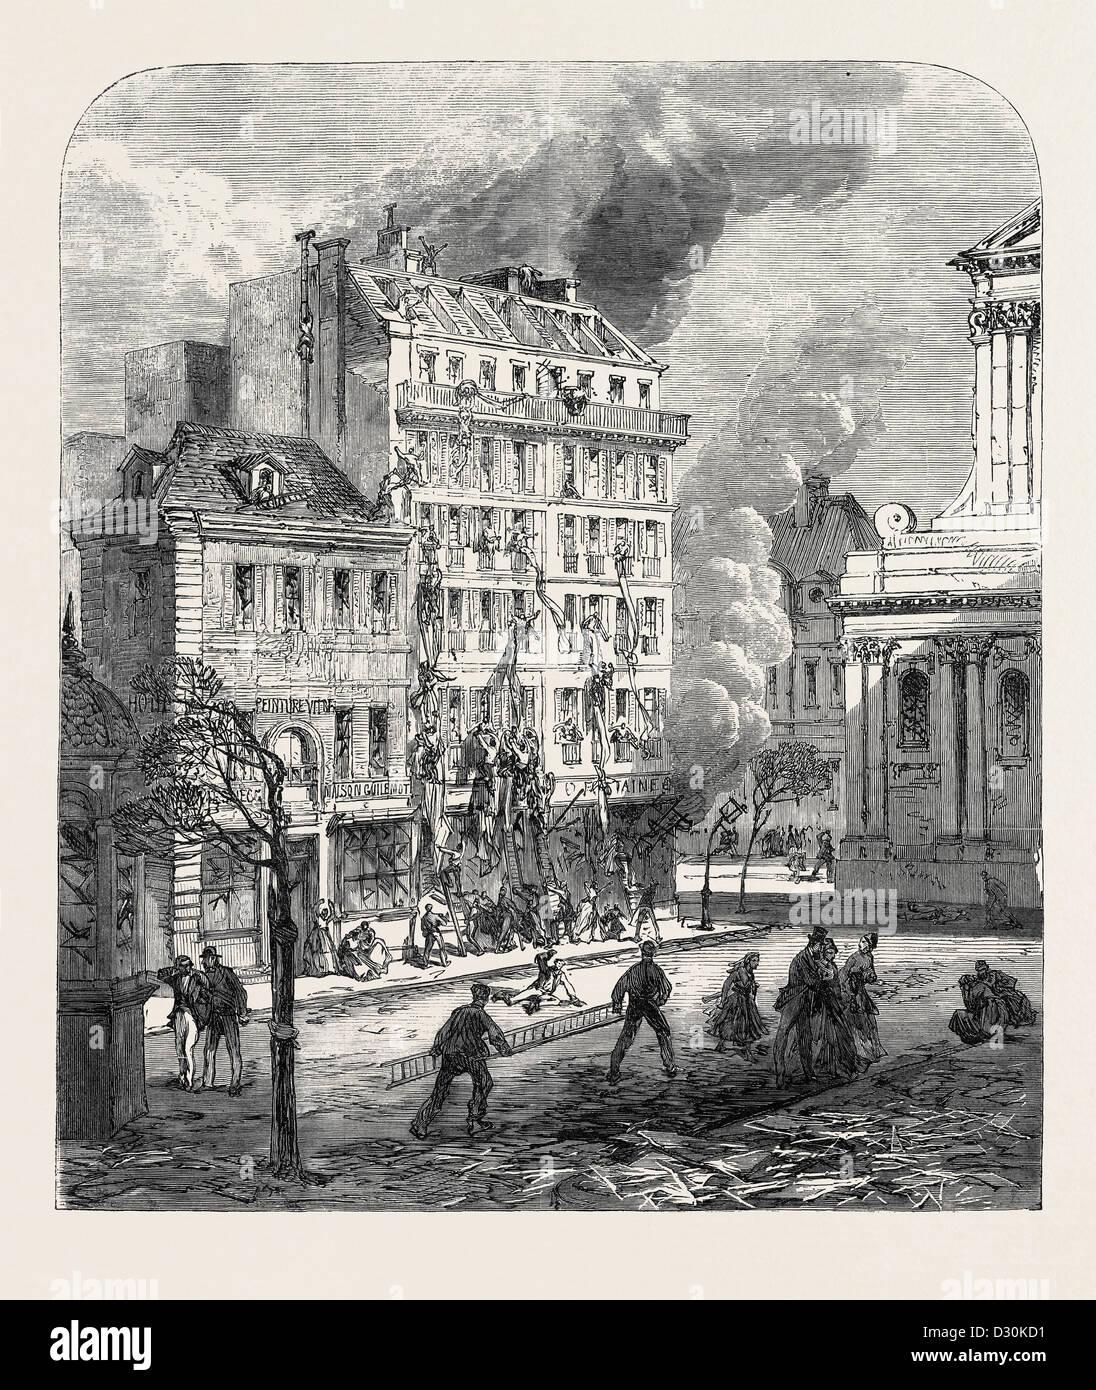 EXPLOSION IN THE PLACE DE LA SORBONNE PARIS FRANCE 1869 - Stock Image